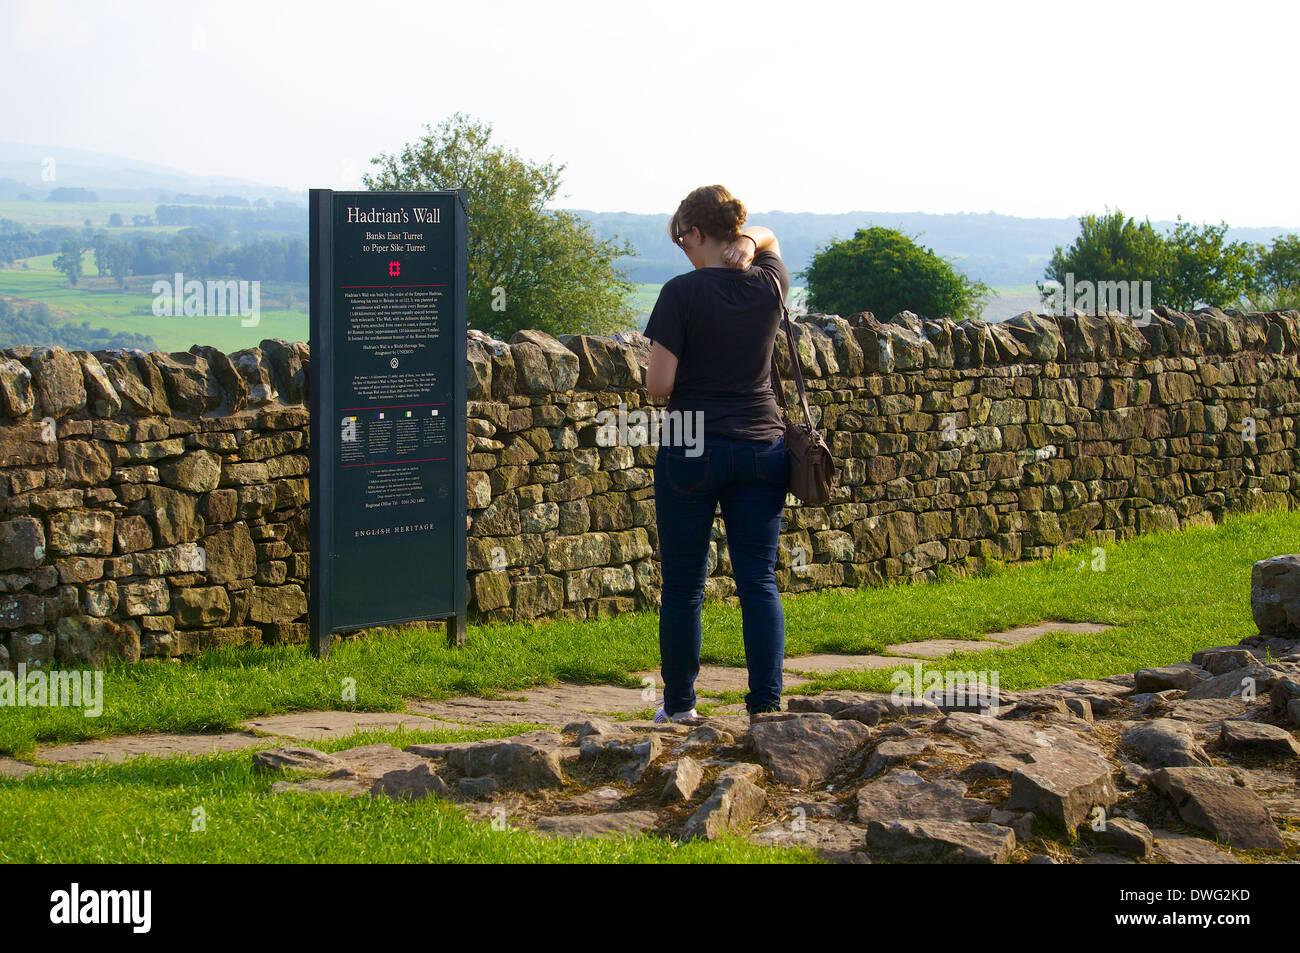 Touristen auf der Suche bei Banken Osten Turm Hinweisschild, Hadrianswall Northumberland England Großbritannien Stockfoto